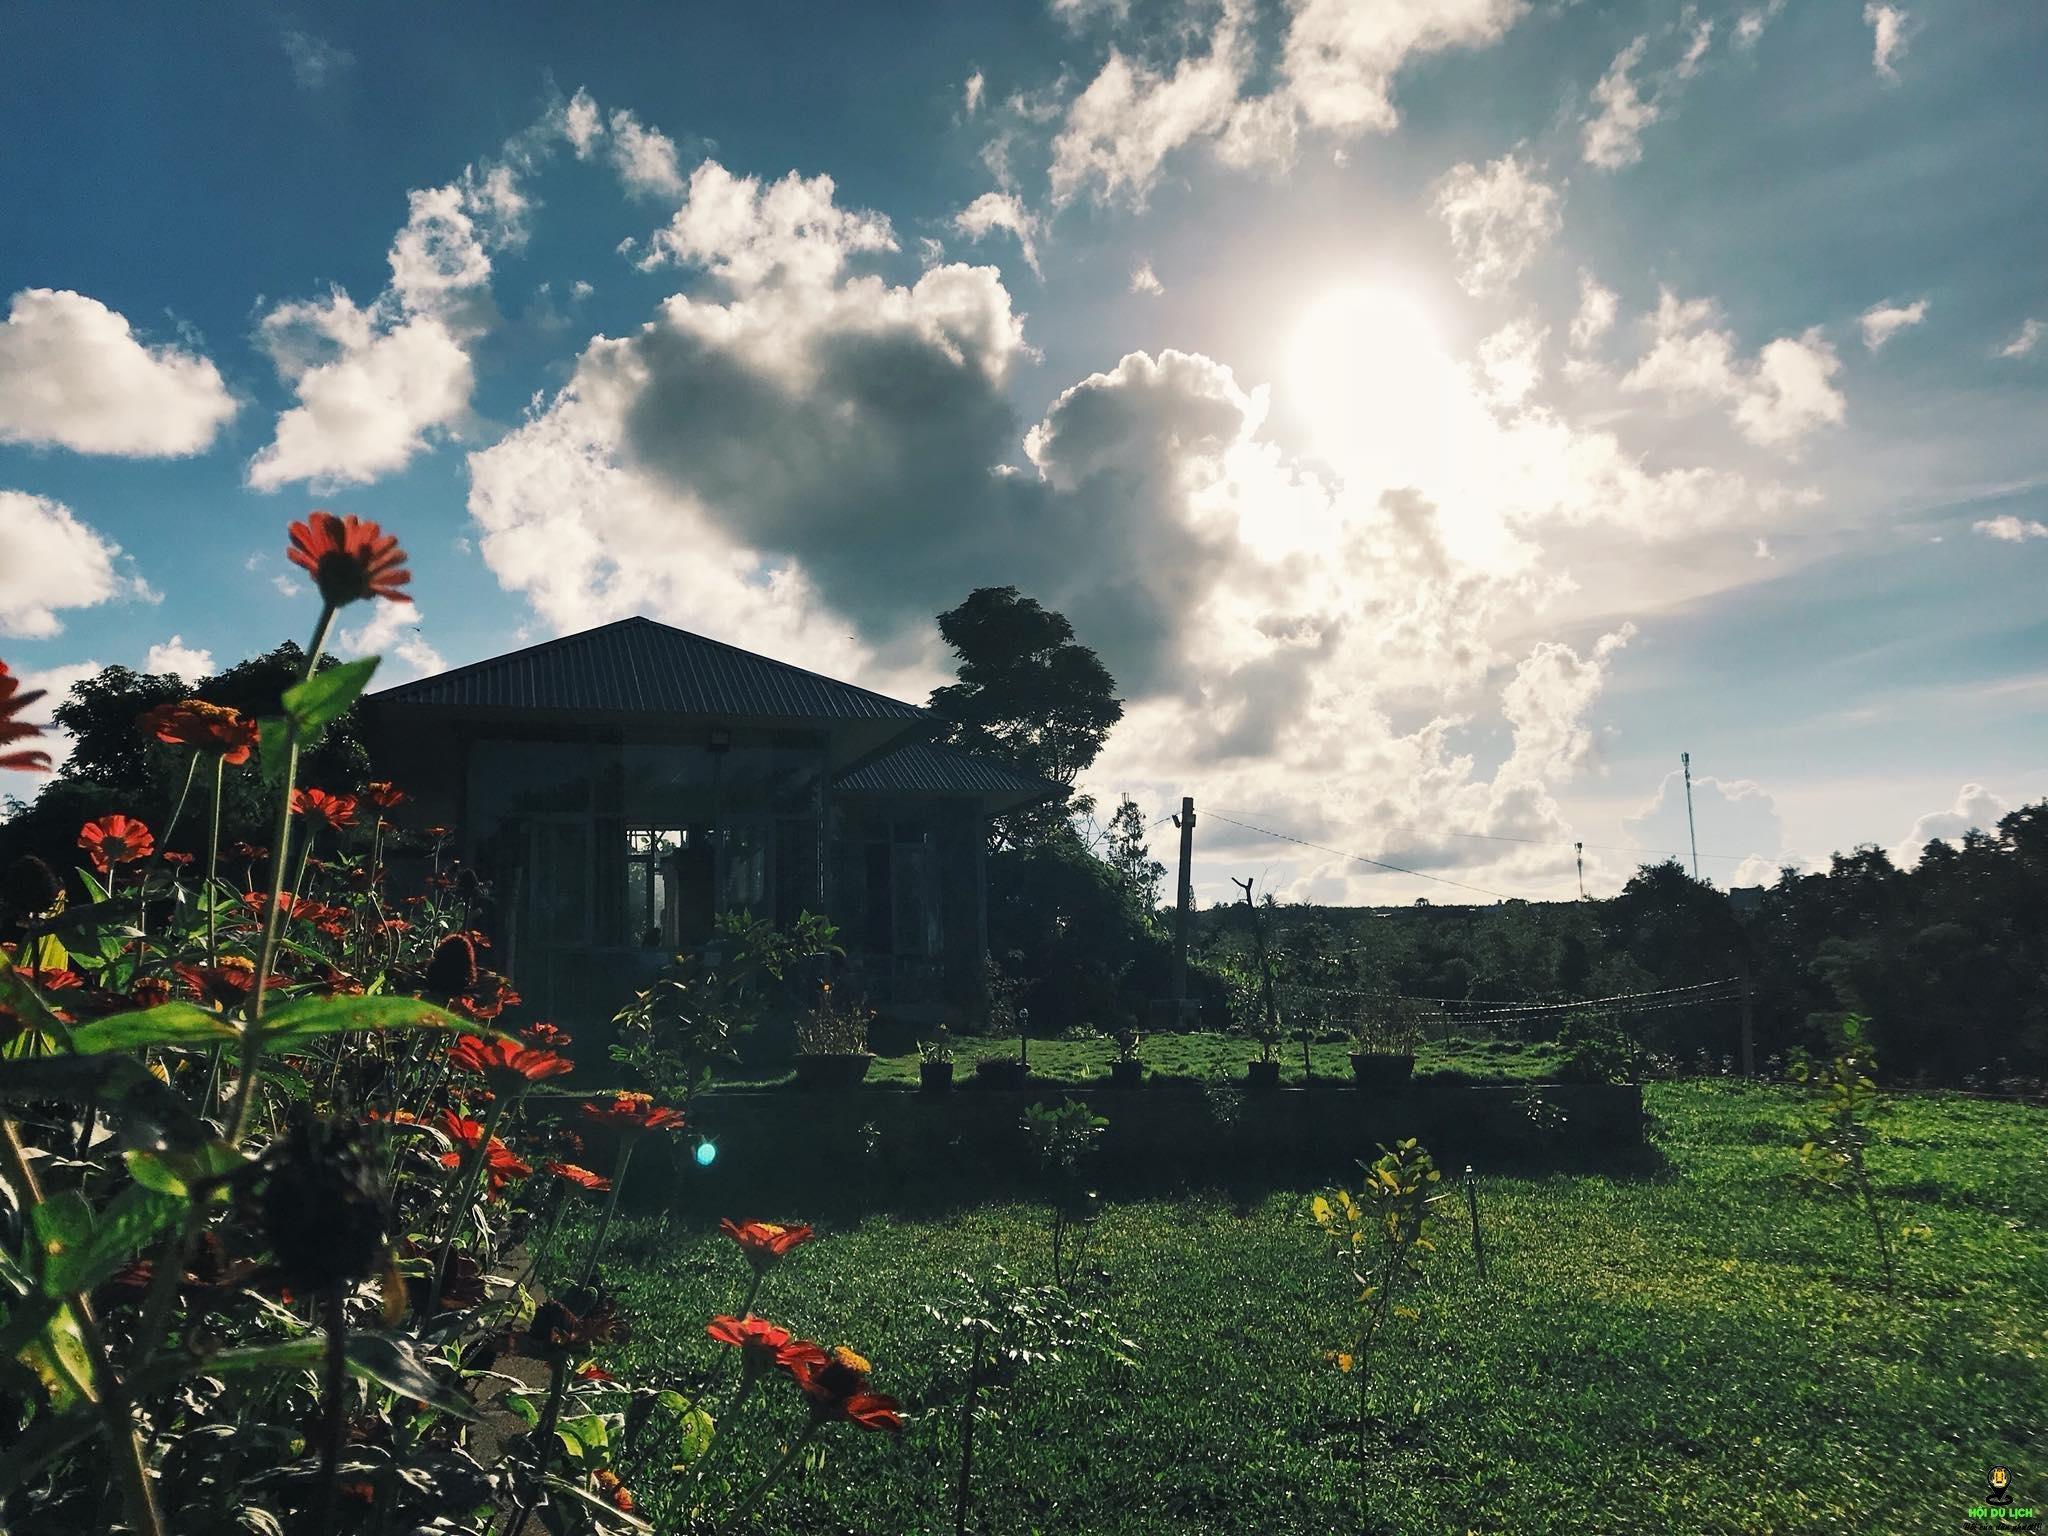 Trong hình ảnh có thể có: đám mây, bầu trời, thực vật, cây, cỏ, hoa, ngoài trời và thiên nhiên